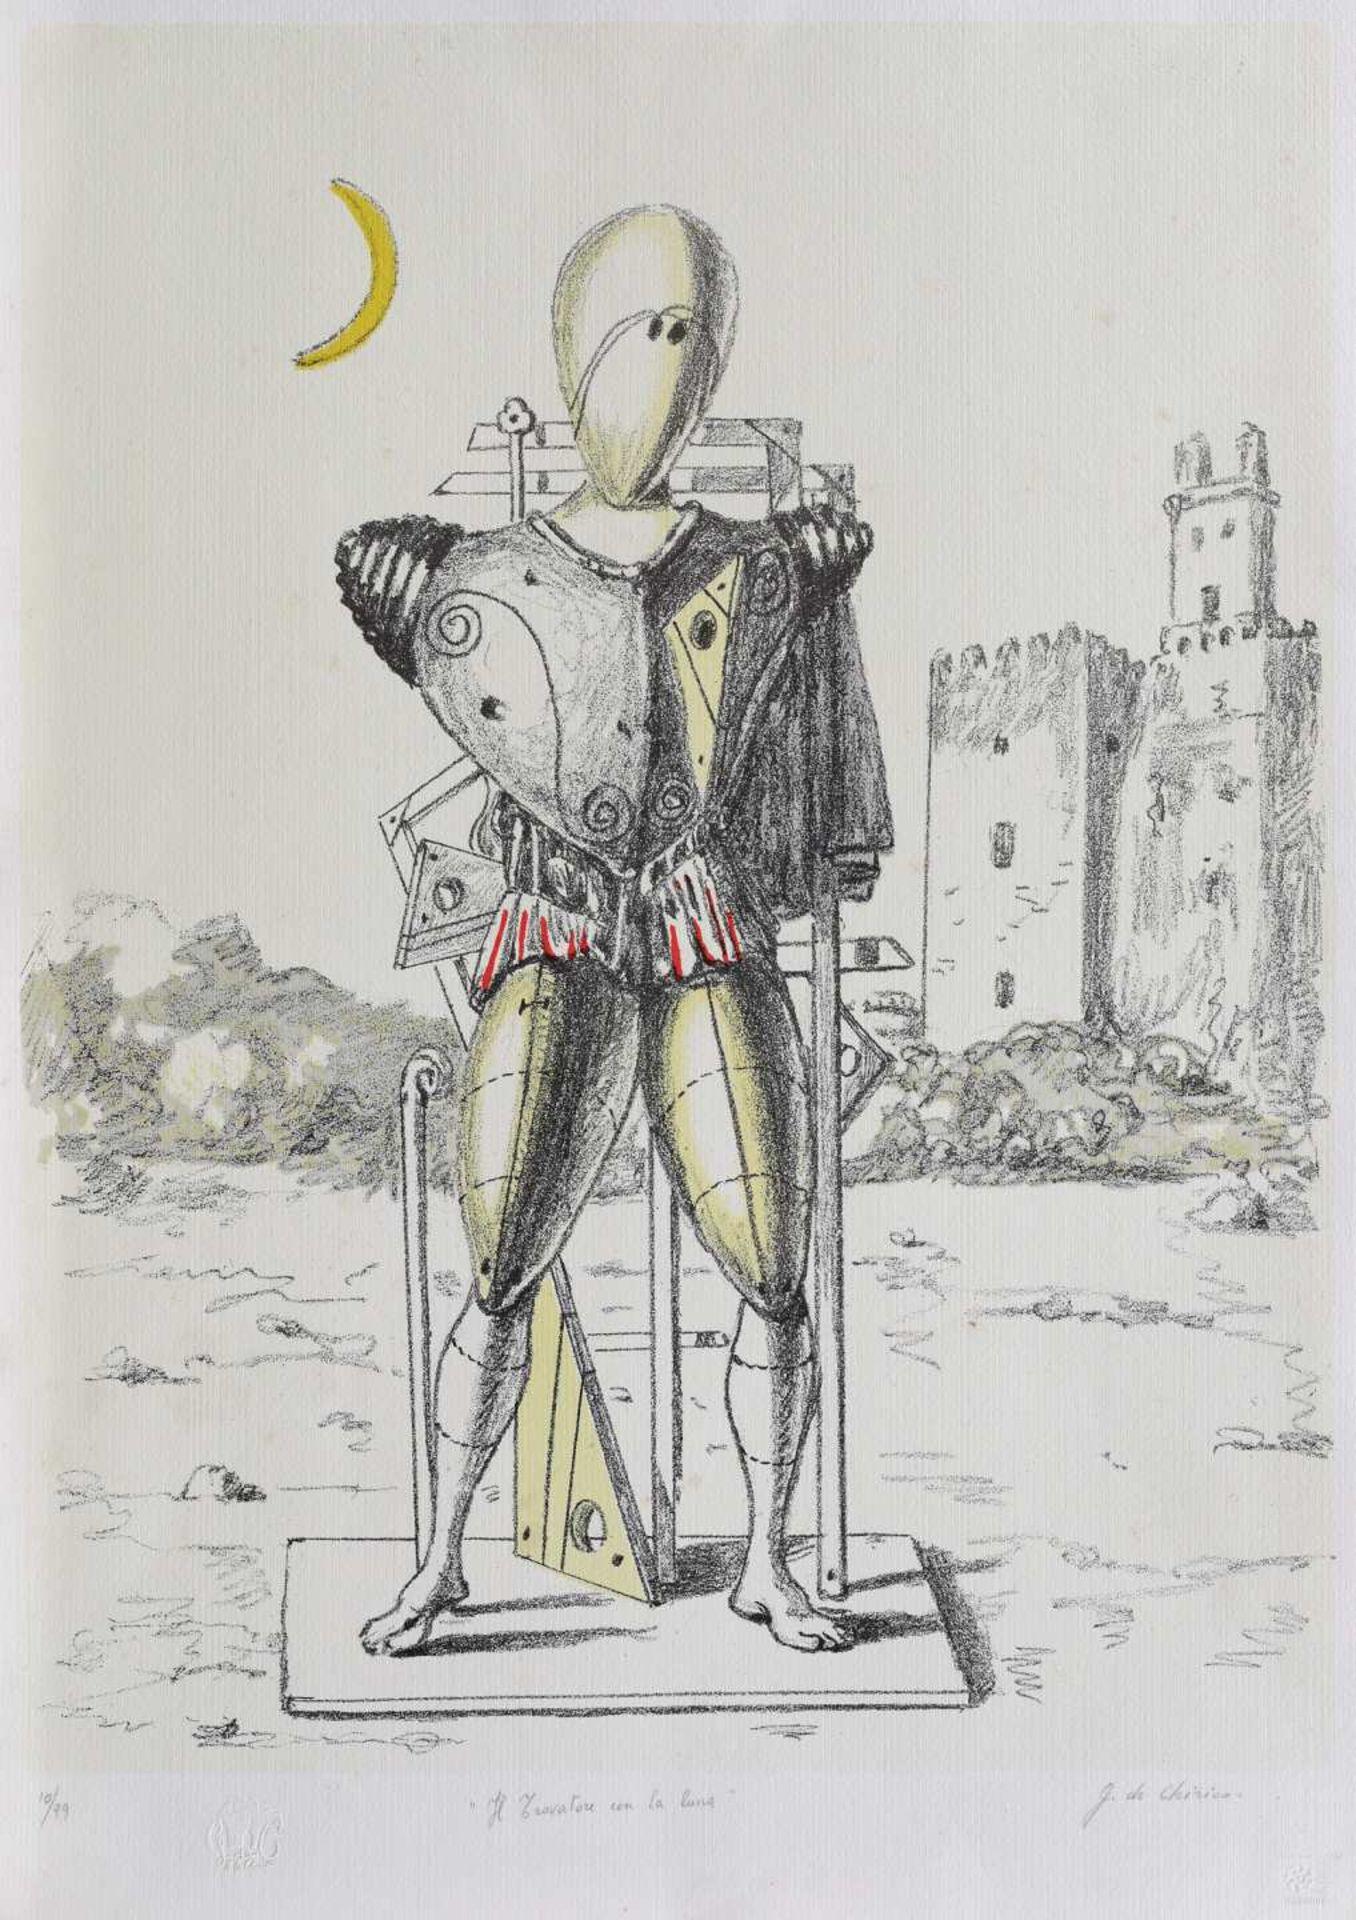 Giorgio de Chirico, Il trovatore con la lunaGiorgio de Chirico, Il trovatore con la luna, chrom